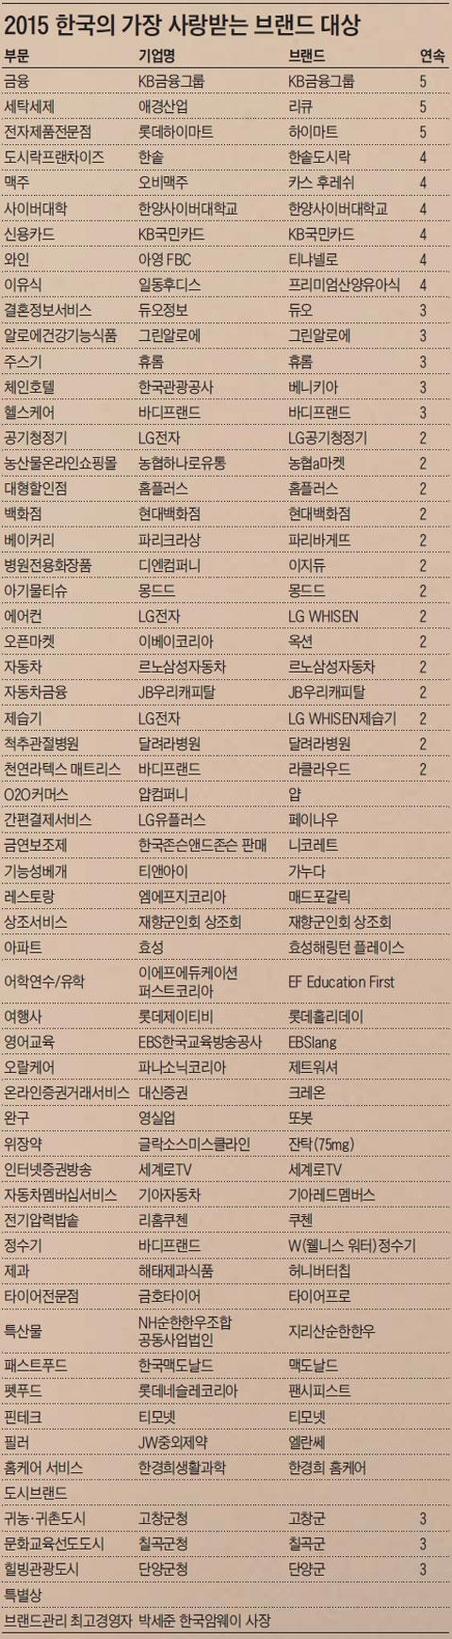 [2015 사랑받는 브랜드] 57개 기업, 기관 브랜드 '한국의 가장 사랑받는 브랜드 대상' 수상(종합)